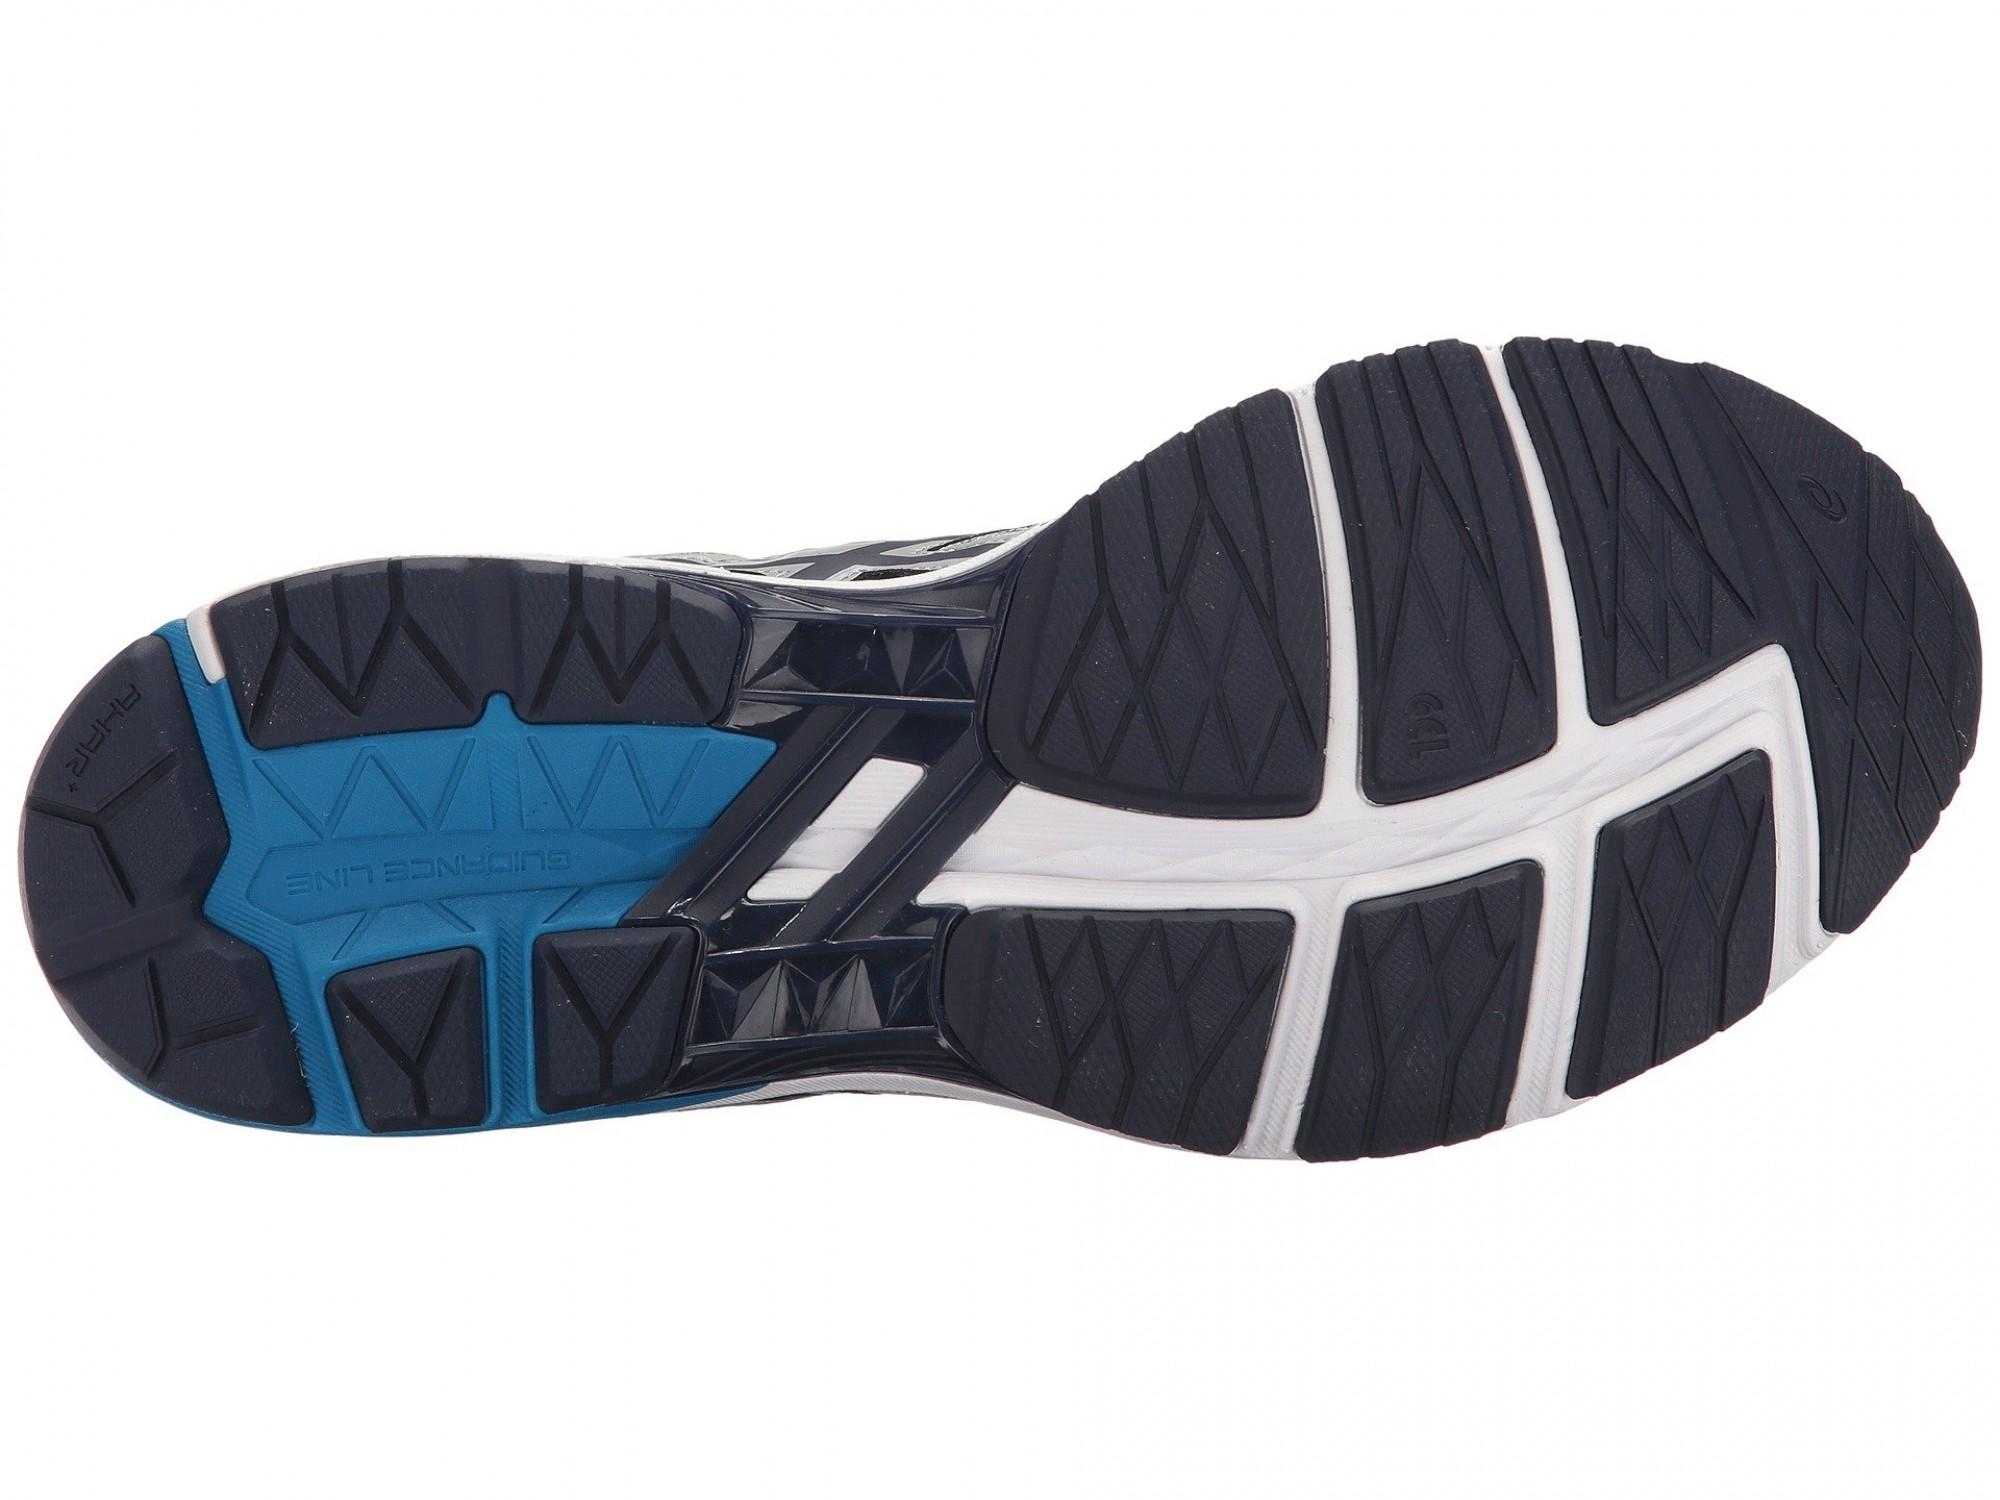 6fab46ee ASICS GT-1000 6 Беговые кроссовки T7A4N-9658 купить в Украине, цена ...